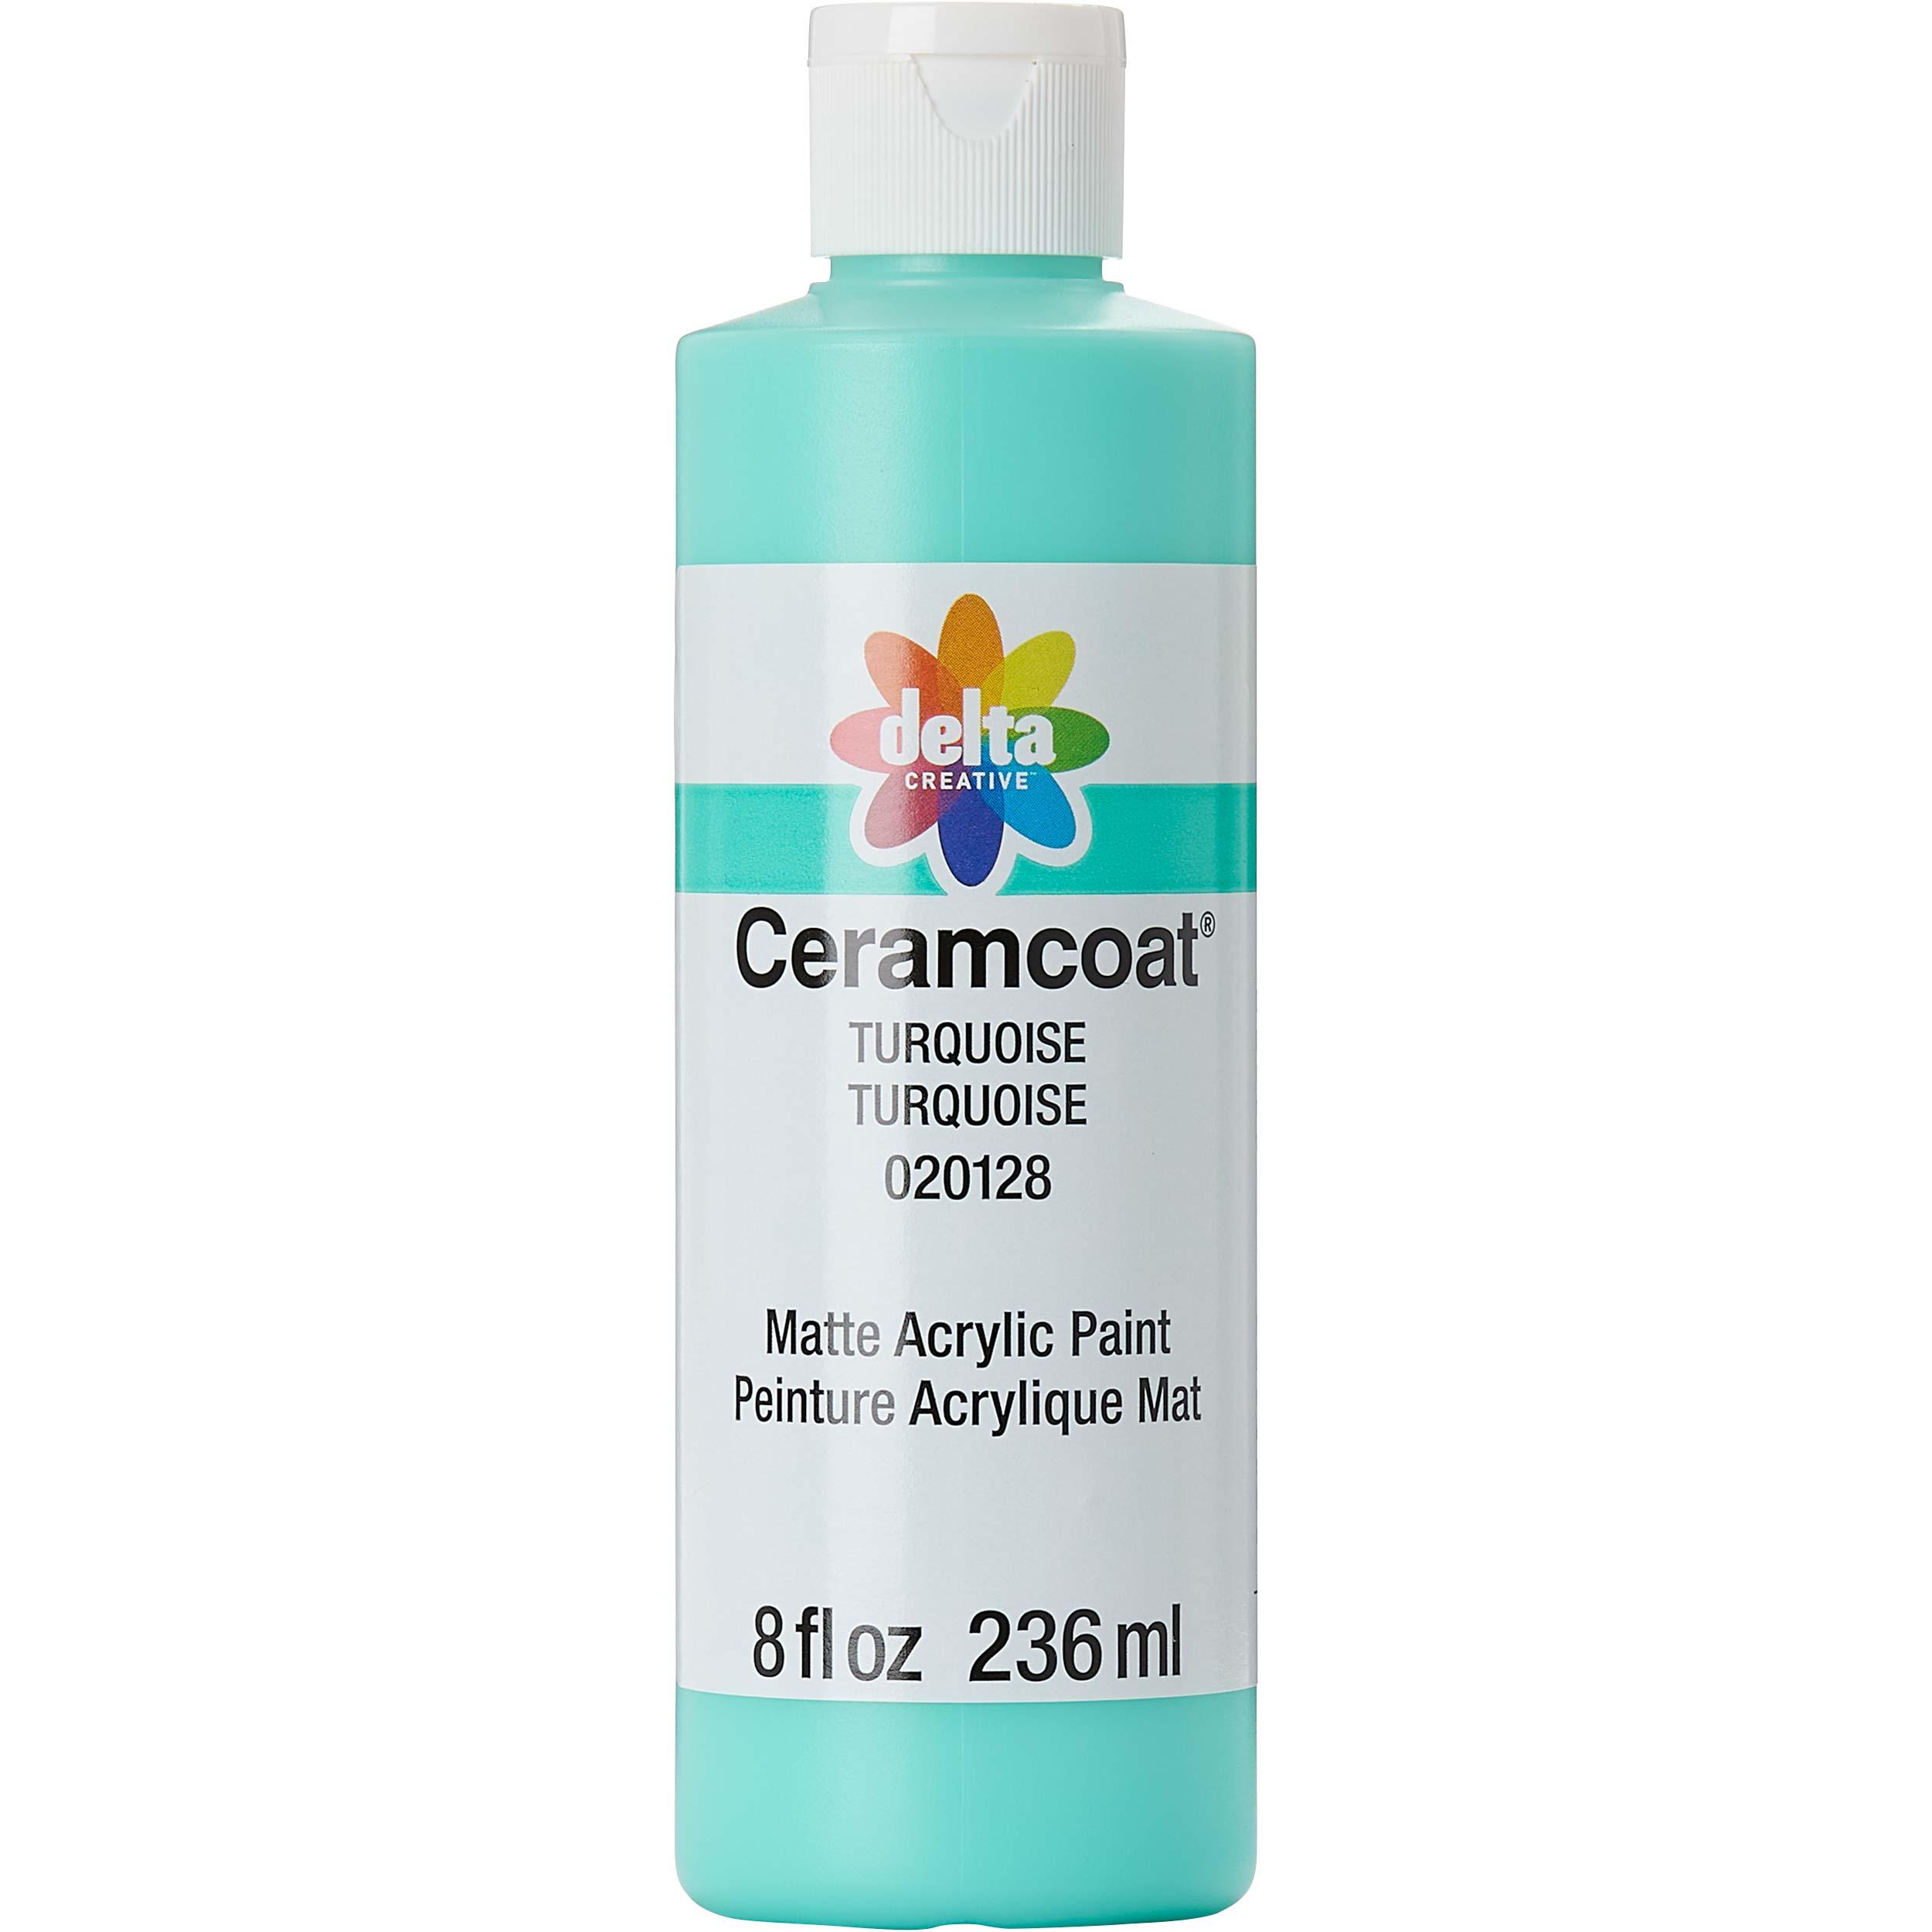 Delta Ceramcoat ® Acrylic Paint - Turquoise, 8 oz.